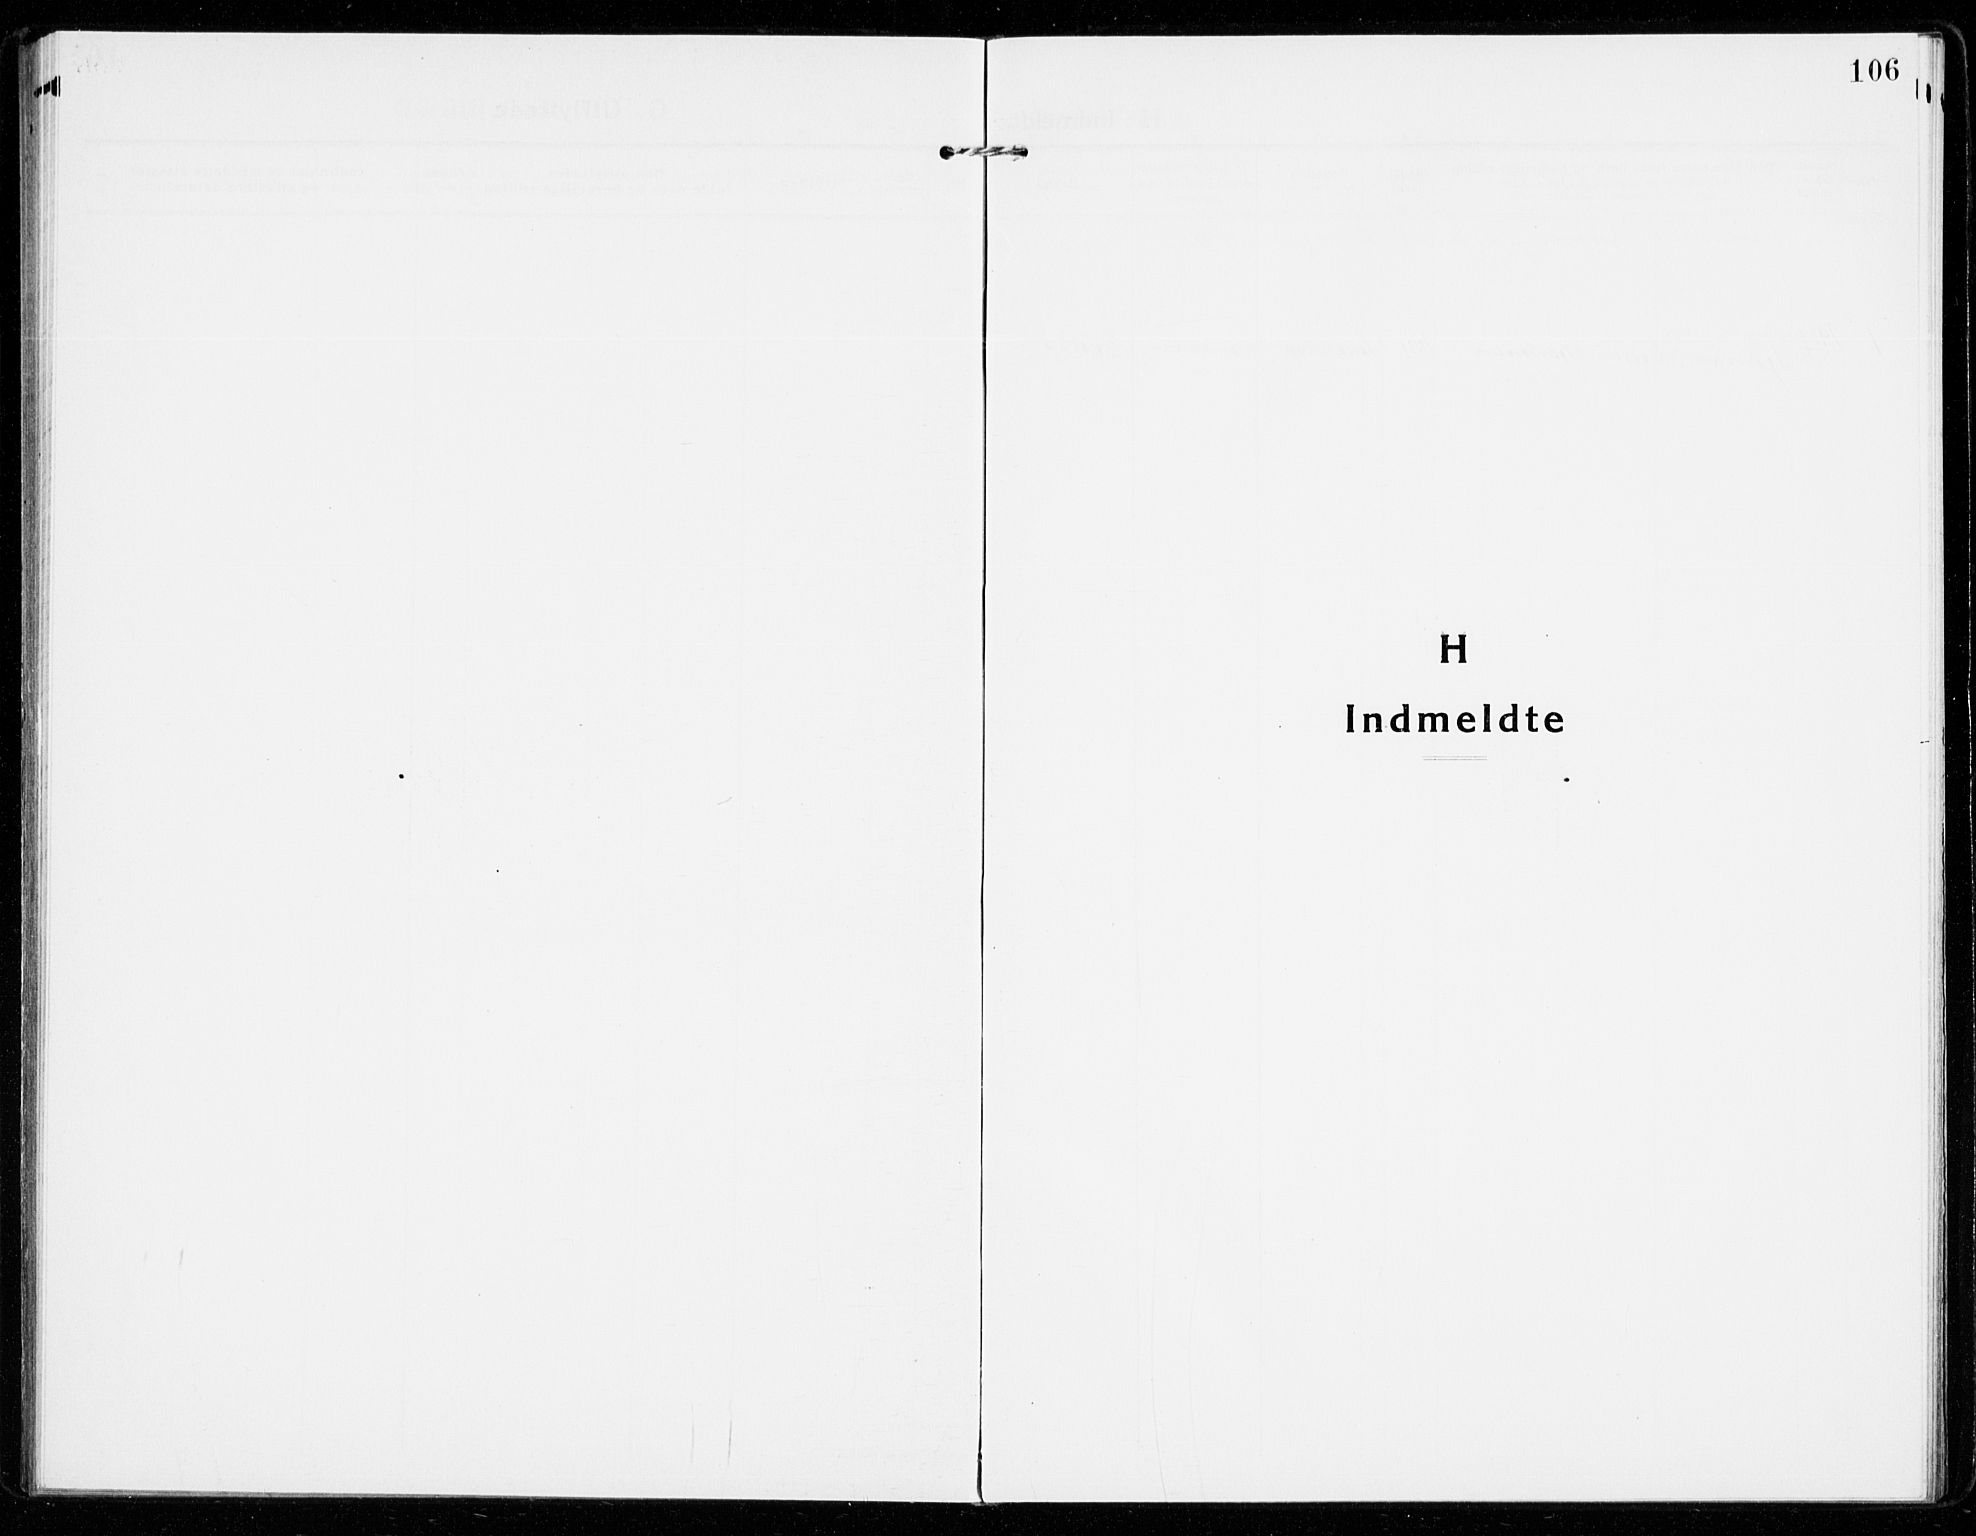 SAKO, Sandar kirkebøker, F/Fa/L0020: Ministerialbok nr. 20, 1915-1919, s. 106